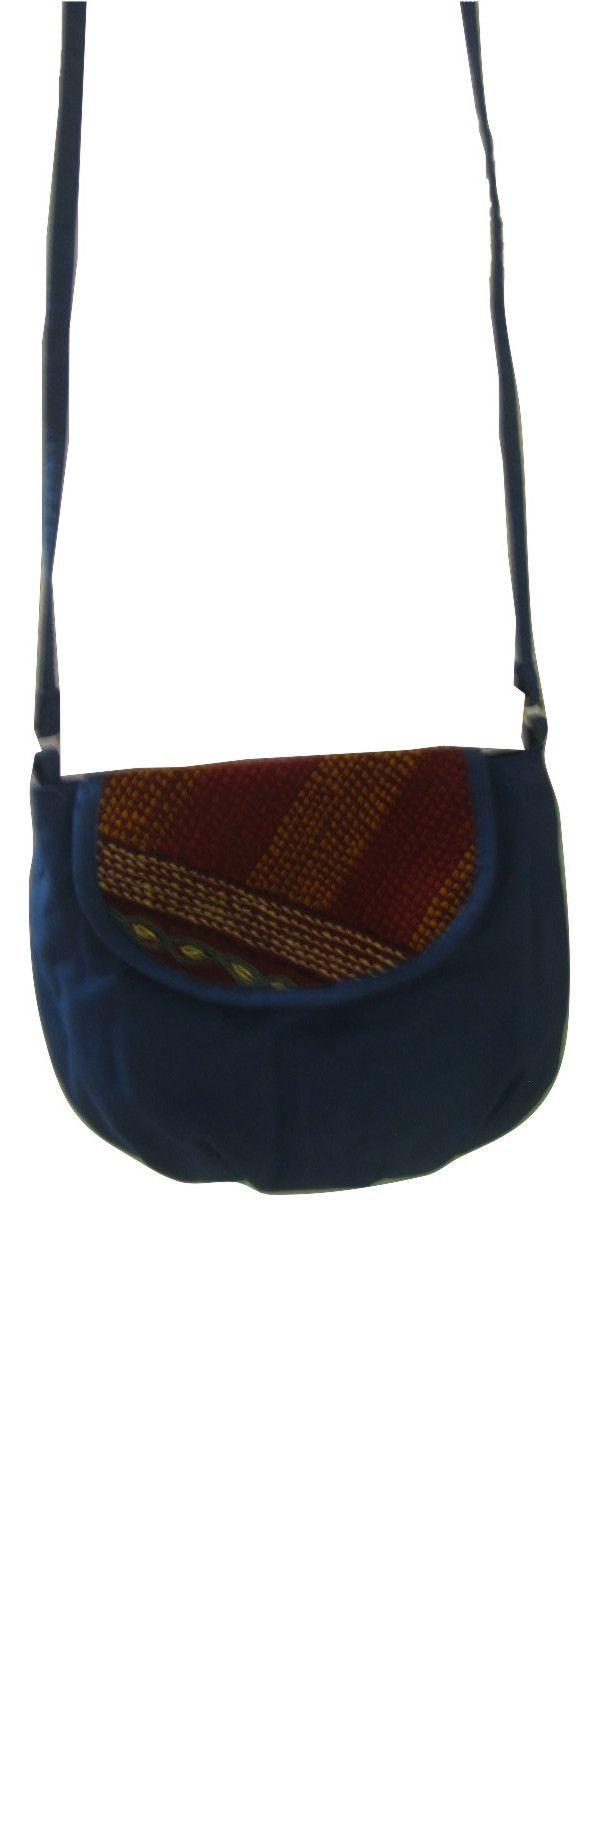 Sabala Handicrafts Blue Flat Top Bag $19.99